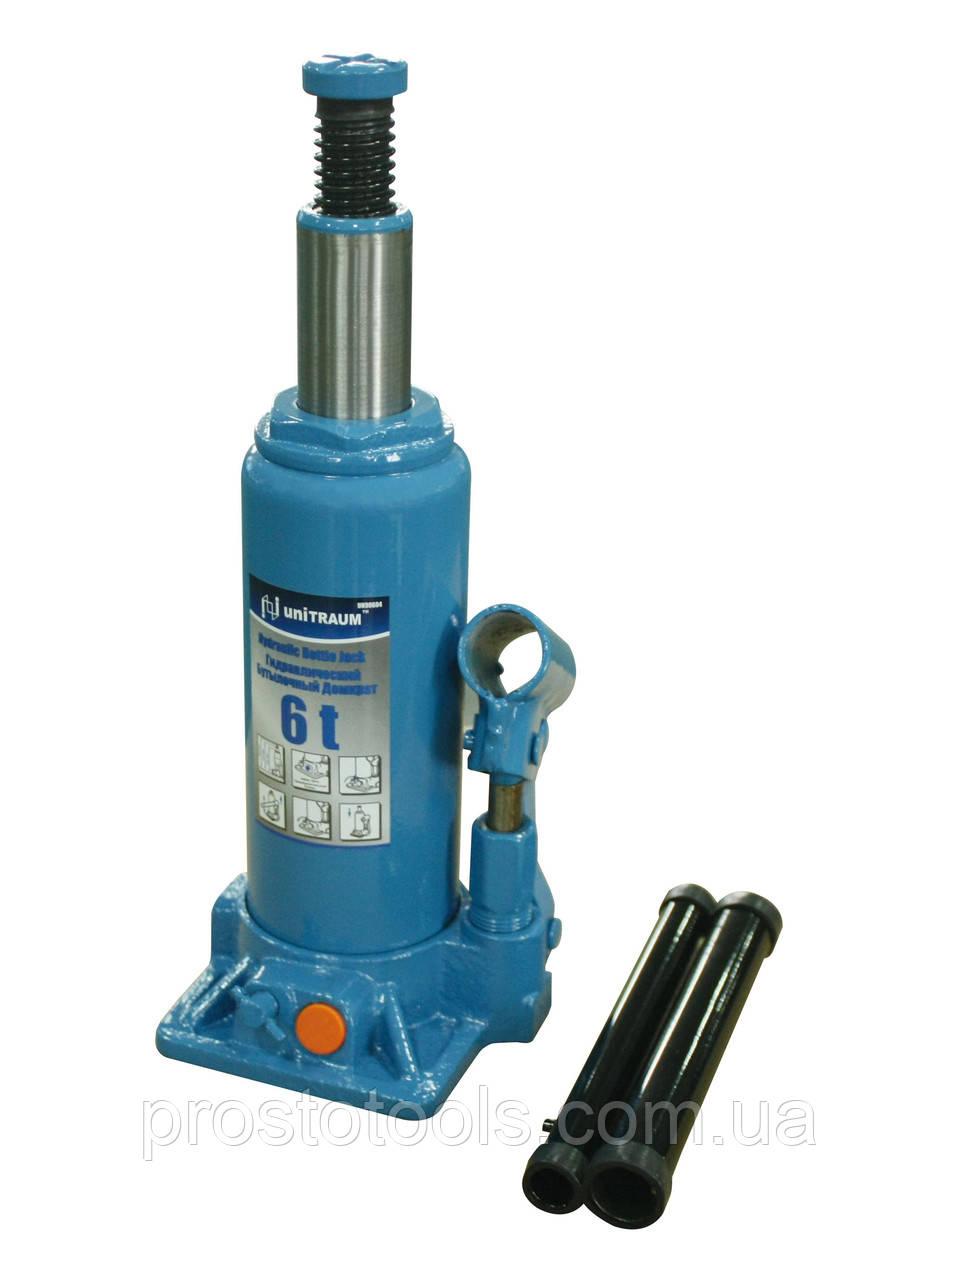 Домкрат бутылочный гидравлический 6т Unitraum  UN90604